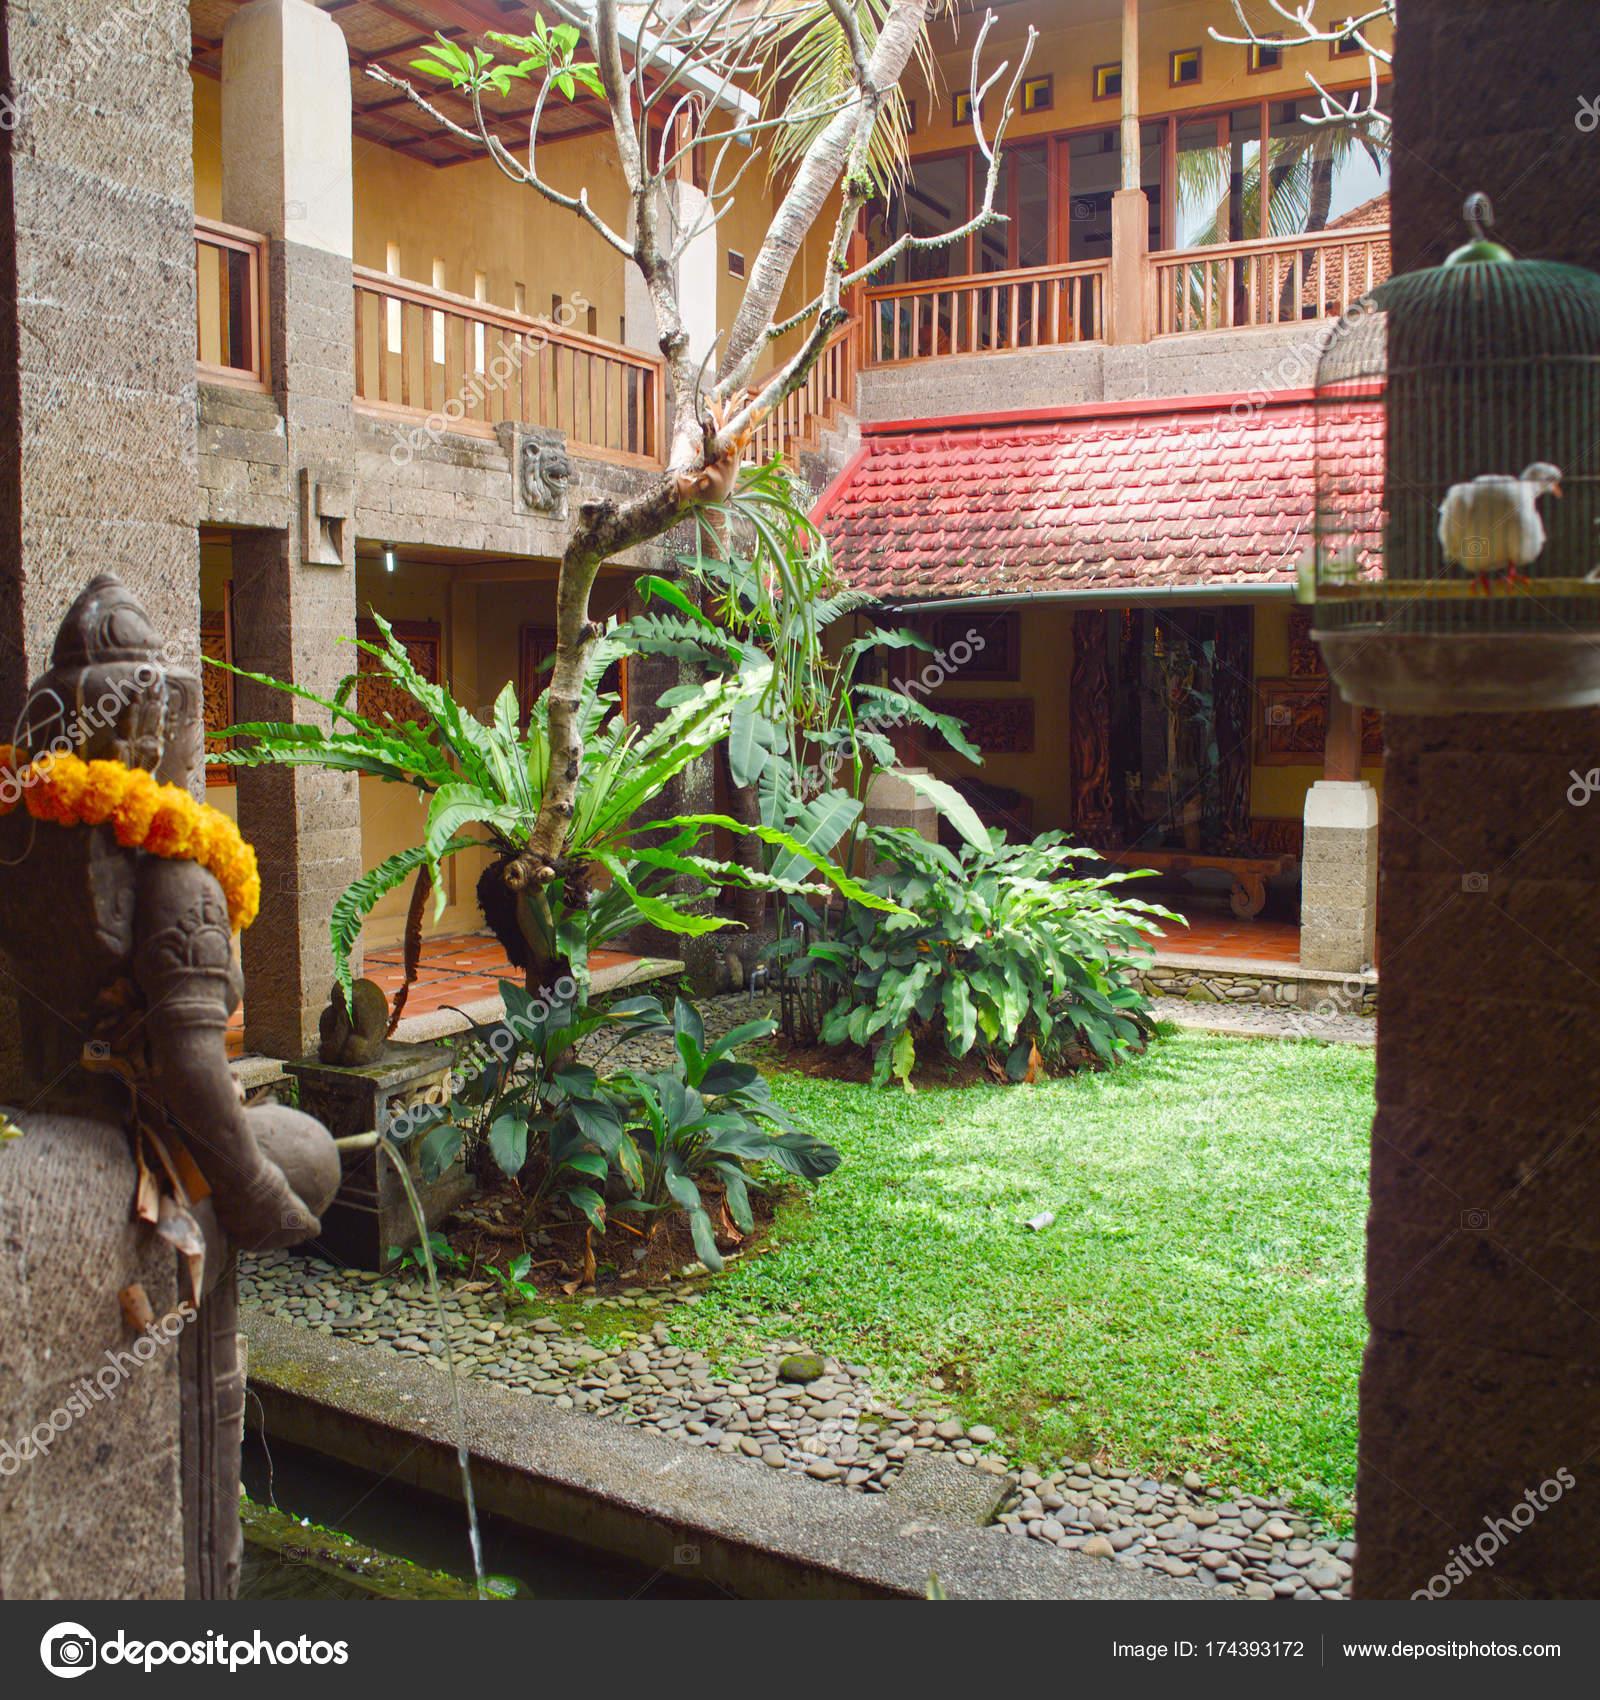 Fuente patio trasero dise o jardiner a foto de stock gromaler 174393172 - Disenos de jardineria ...